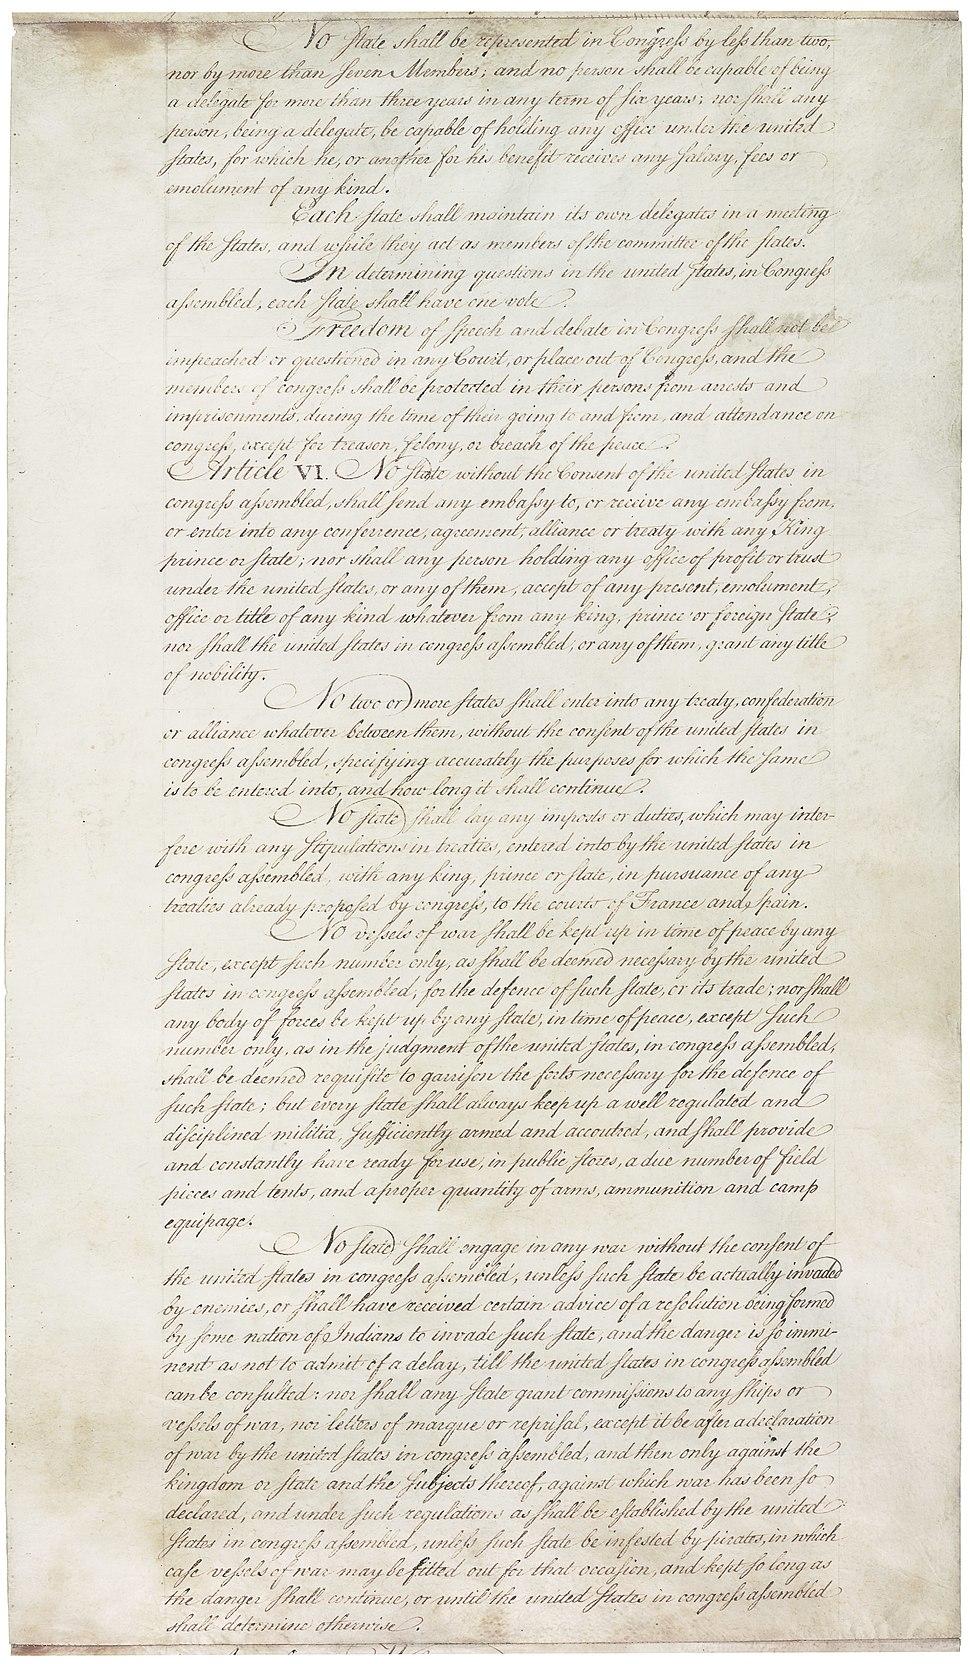 Articles of Confederation 5-6